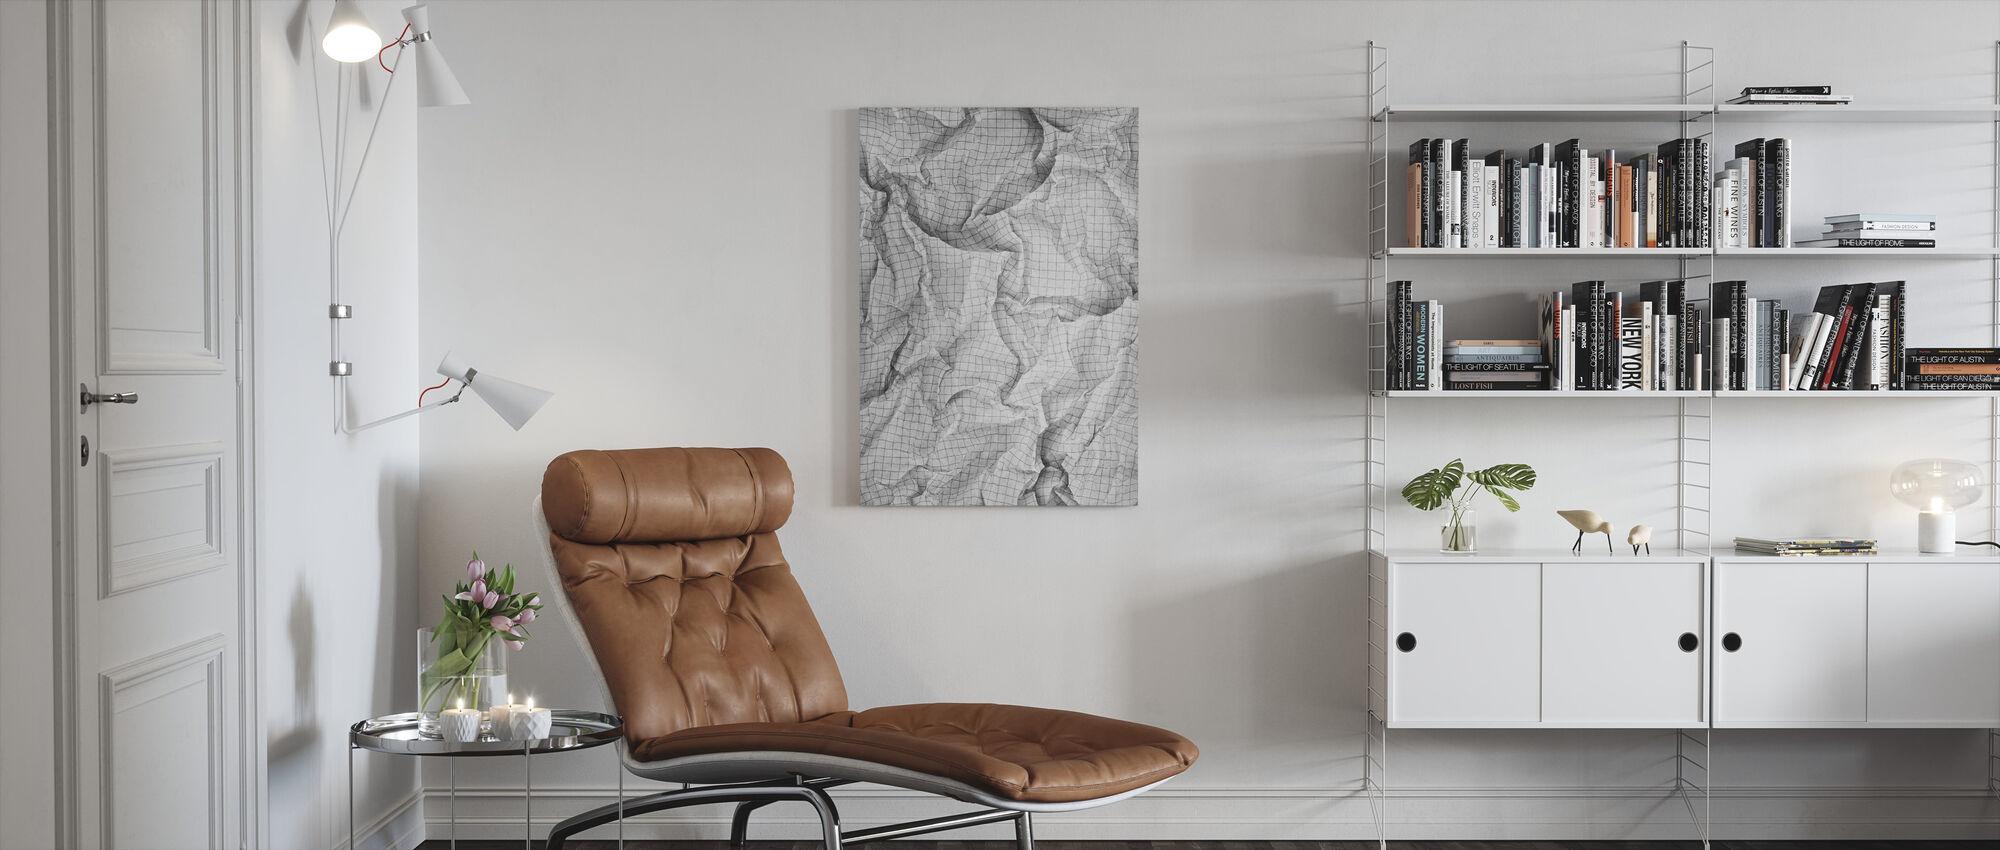 Gerimpeld kwadraat papier 2 - Canvas print - Woonkamer